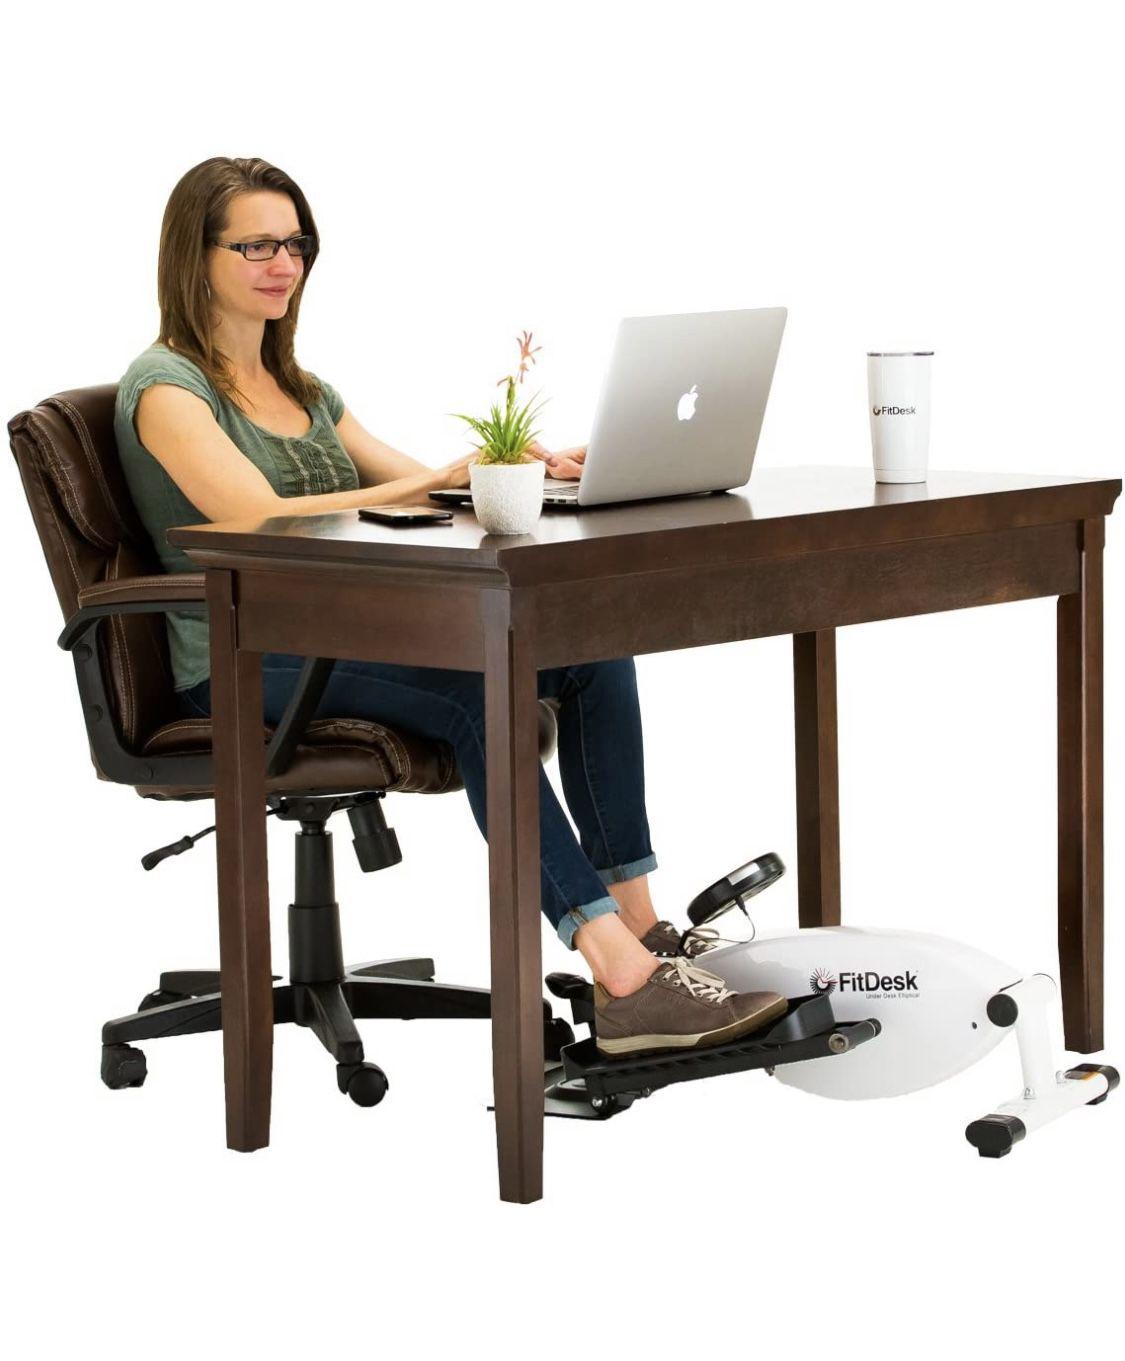 FitDesk Under Desk Elliptical